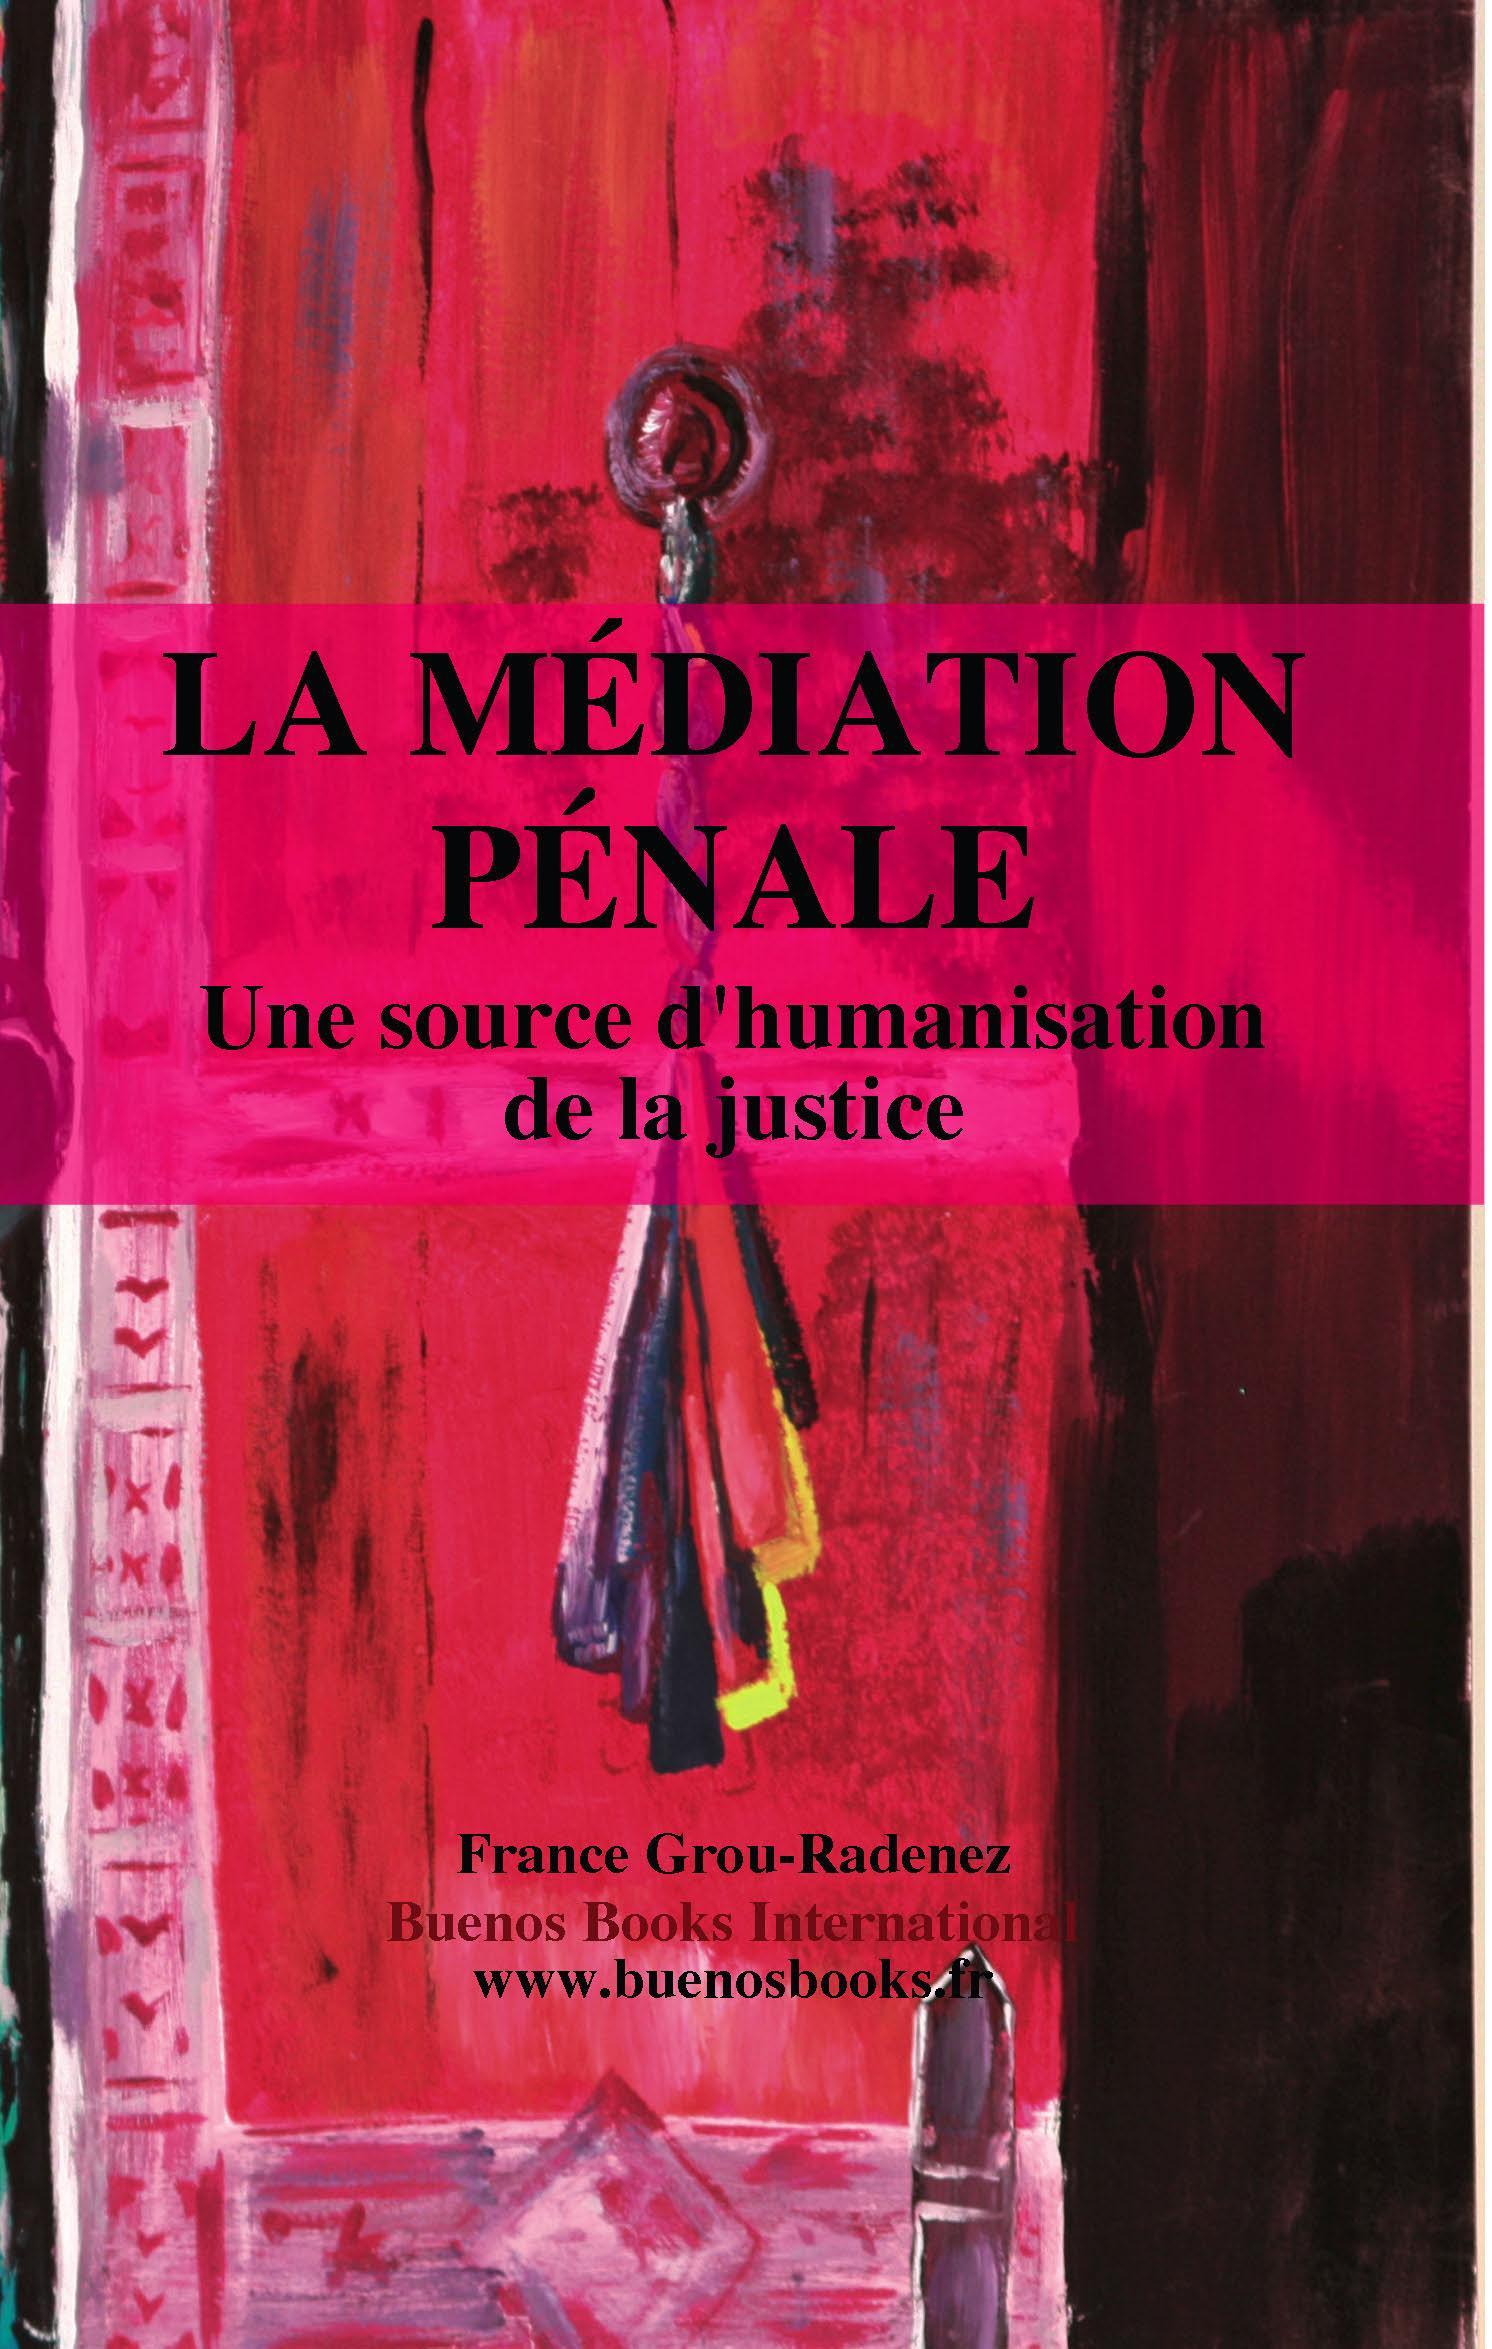 LA MEDIATION PENALE, UNE SOURCE D'HUMANISATION DE LA JUSTICE EB9782915495744